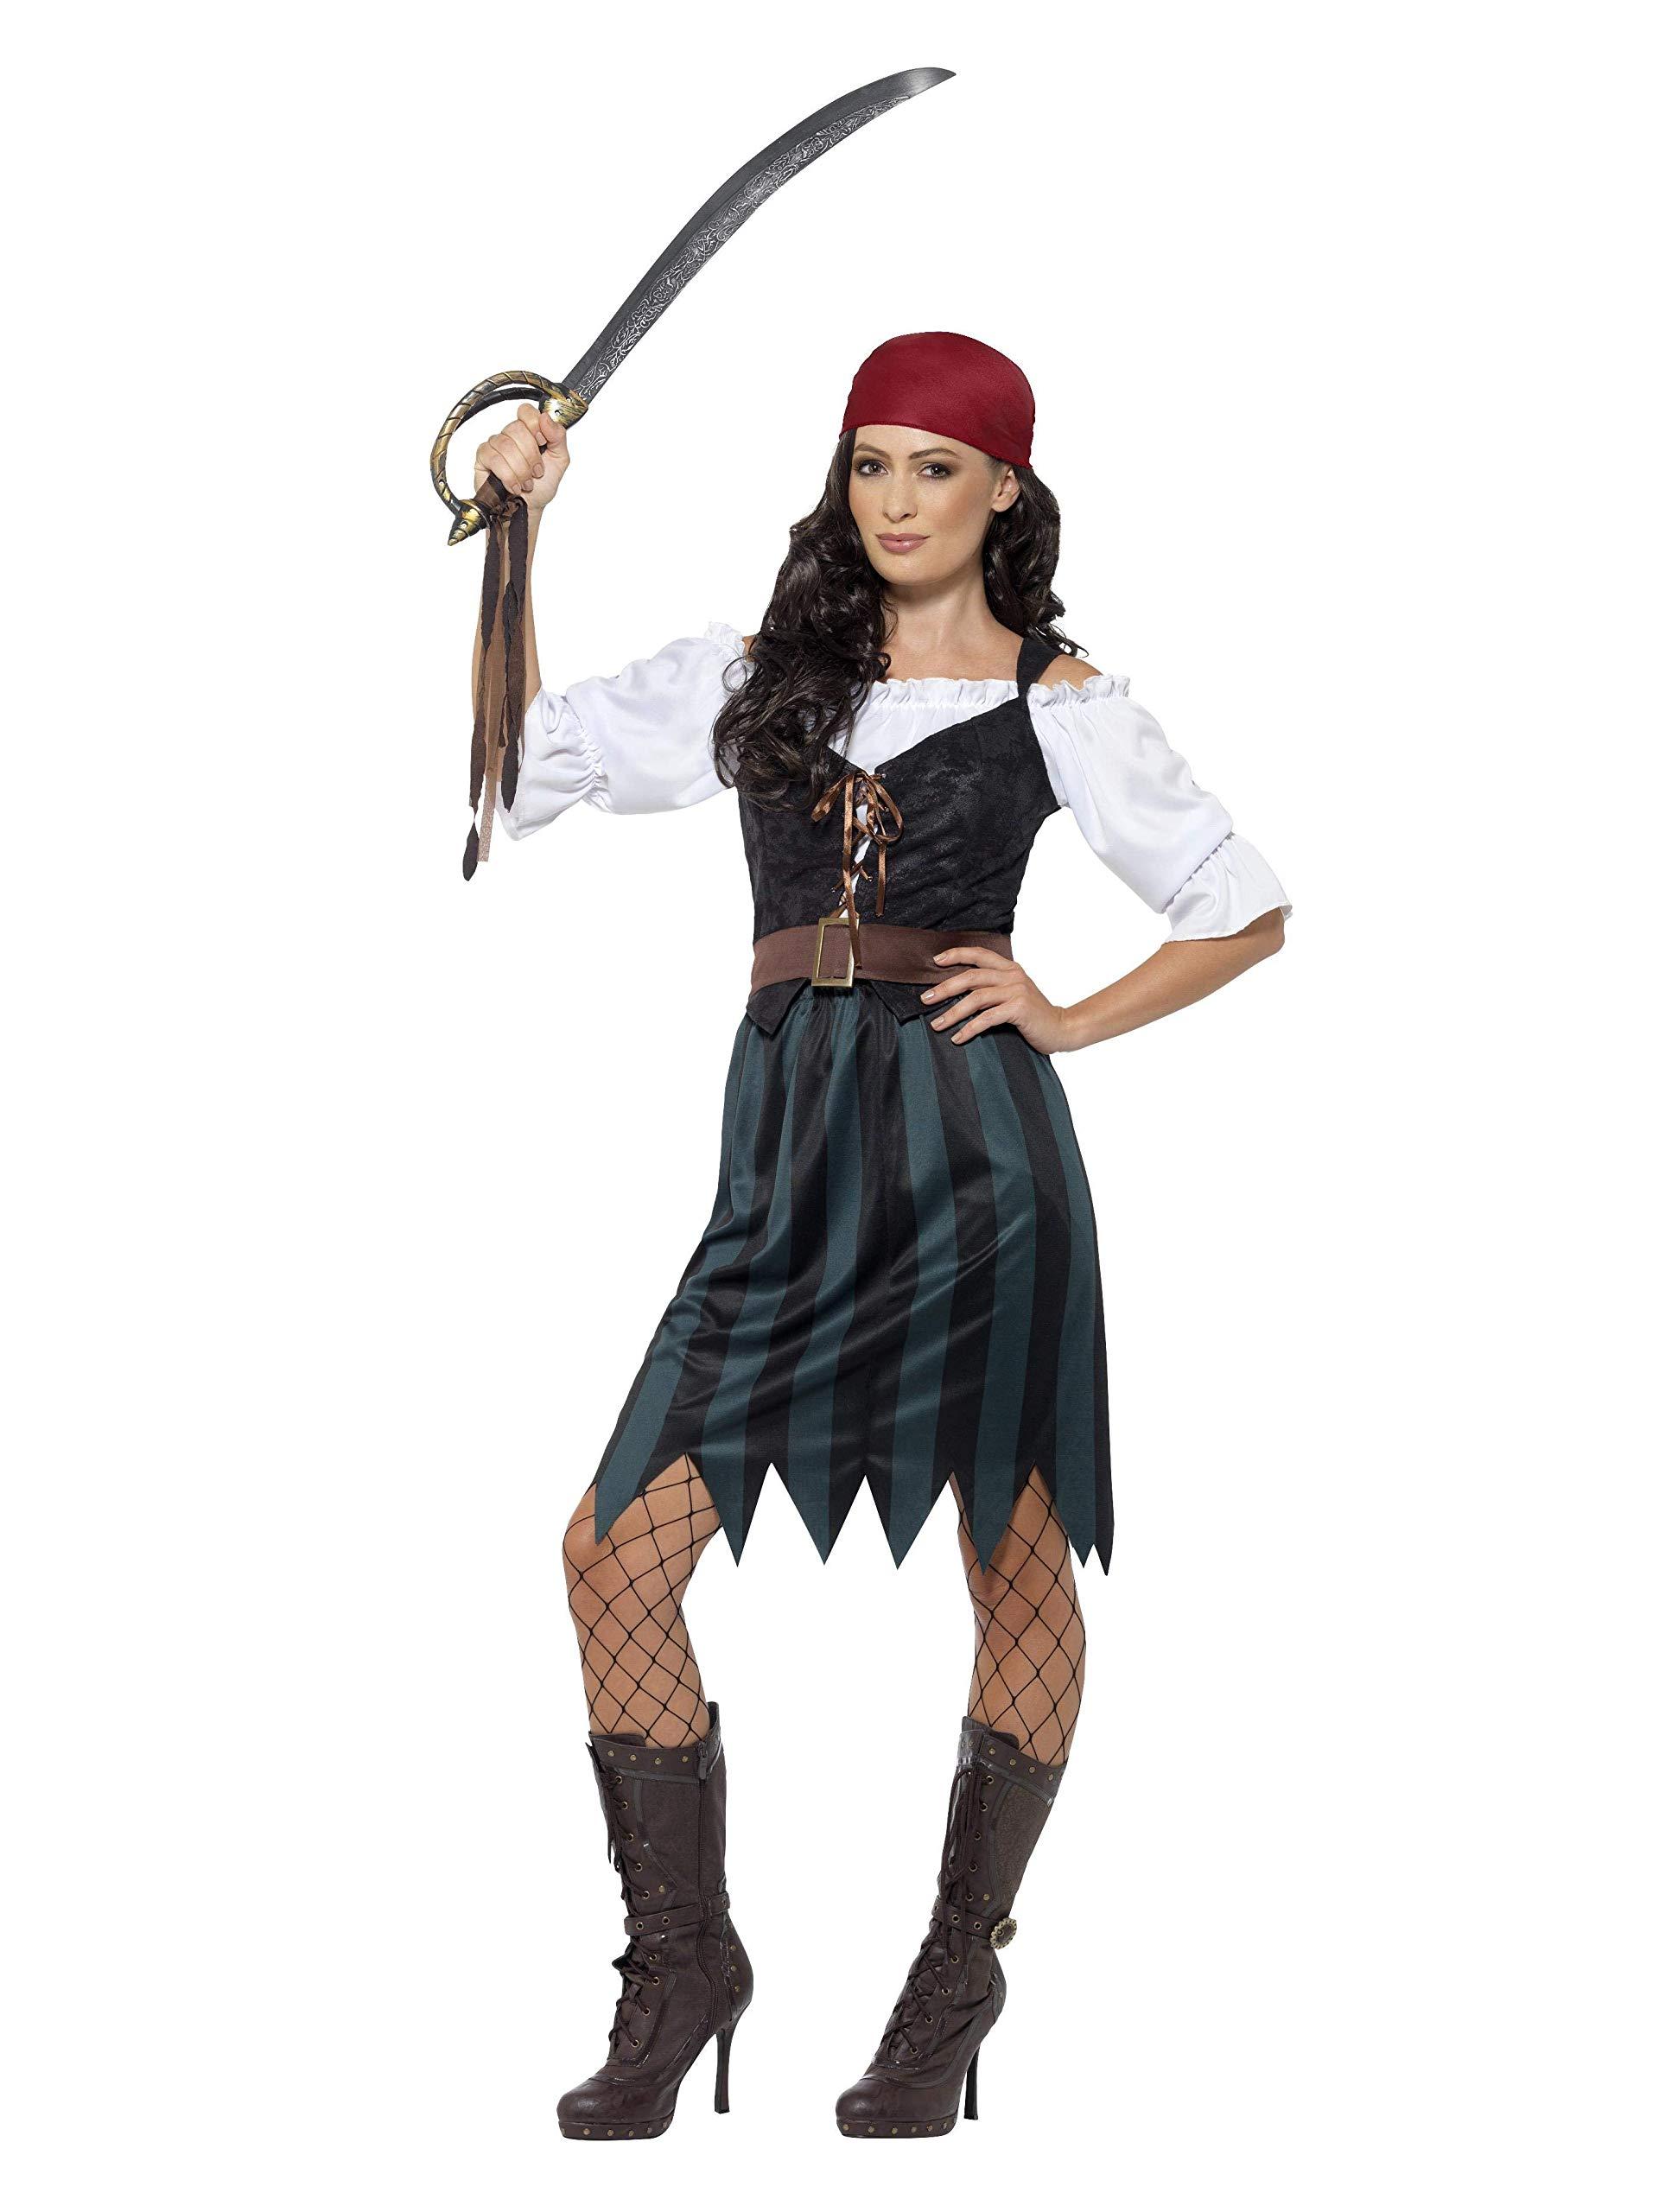 SmiffyS 45491S Disfraz De Marinera Pirata Con Camisa, Falso Chaleco Y Falda Cinturón, Azul, S - Eu Tamaño 36-38: Amazon.es: Juguetes y juegos